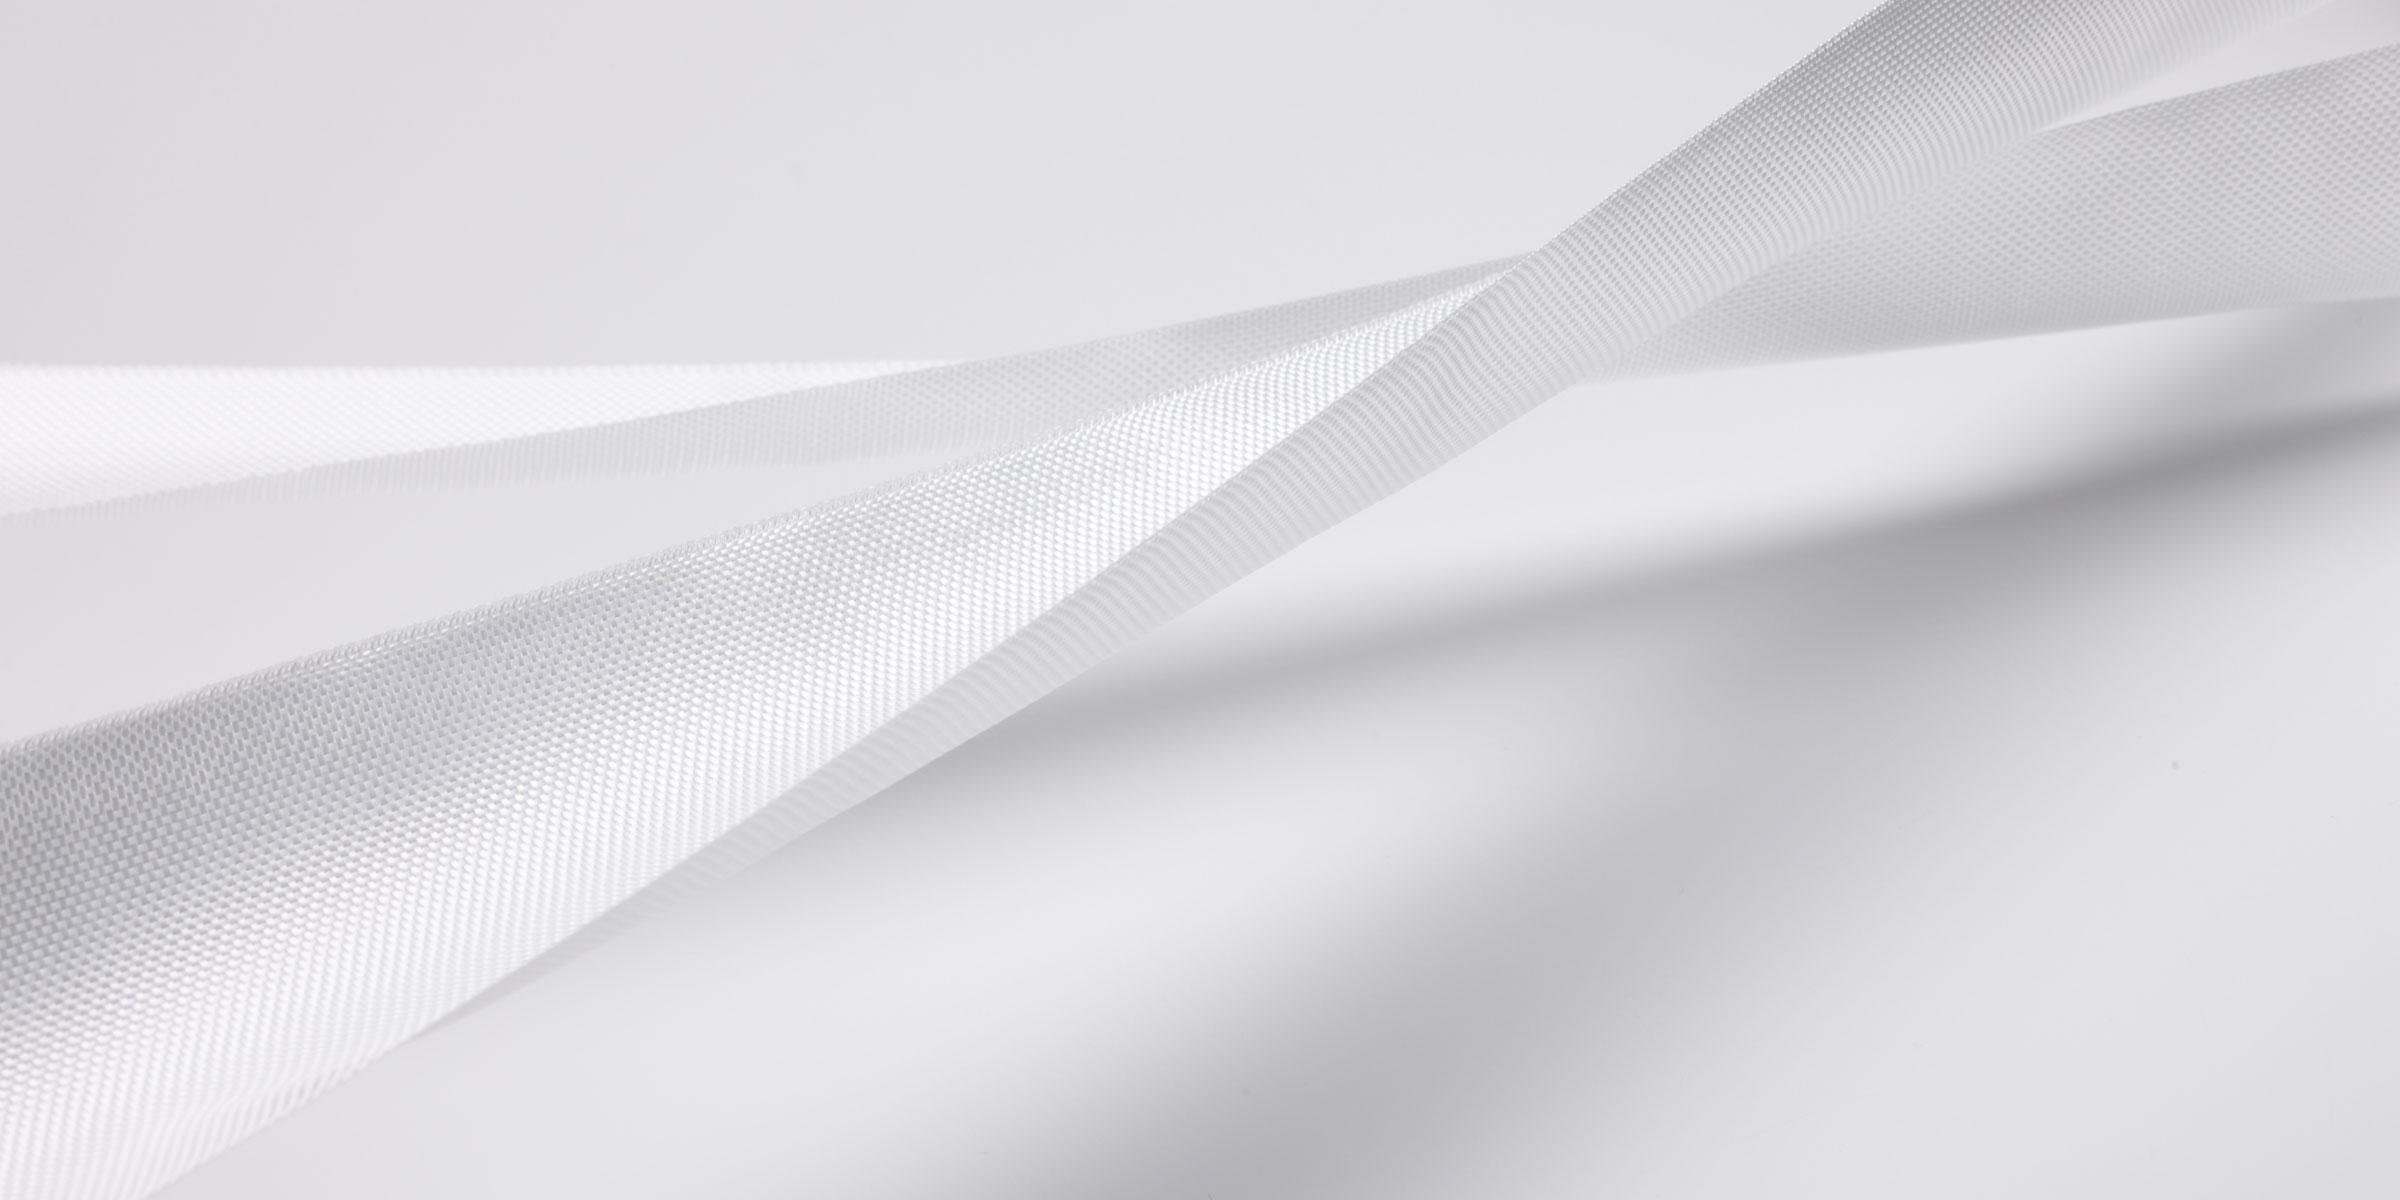 繊維の力で未来をつくる